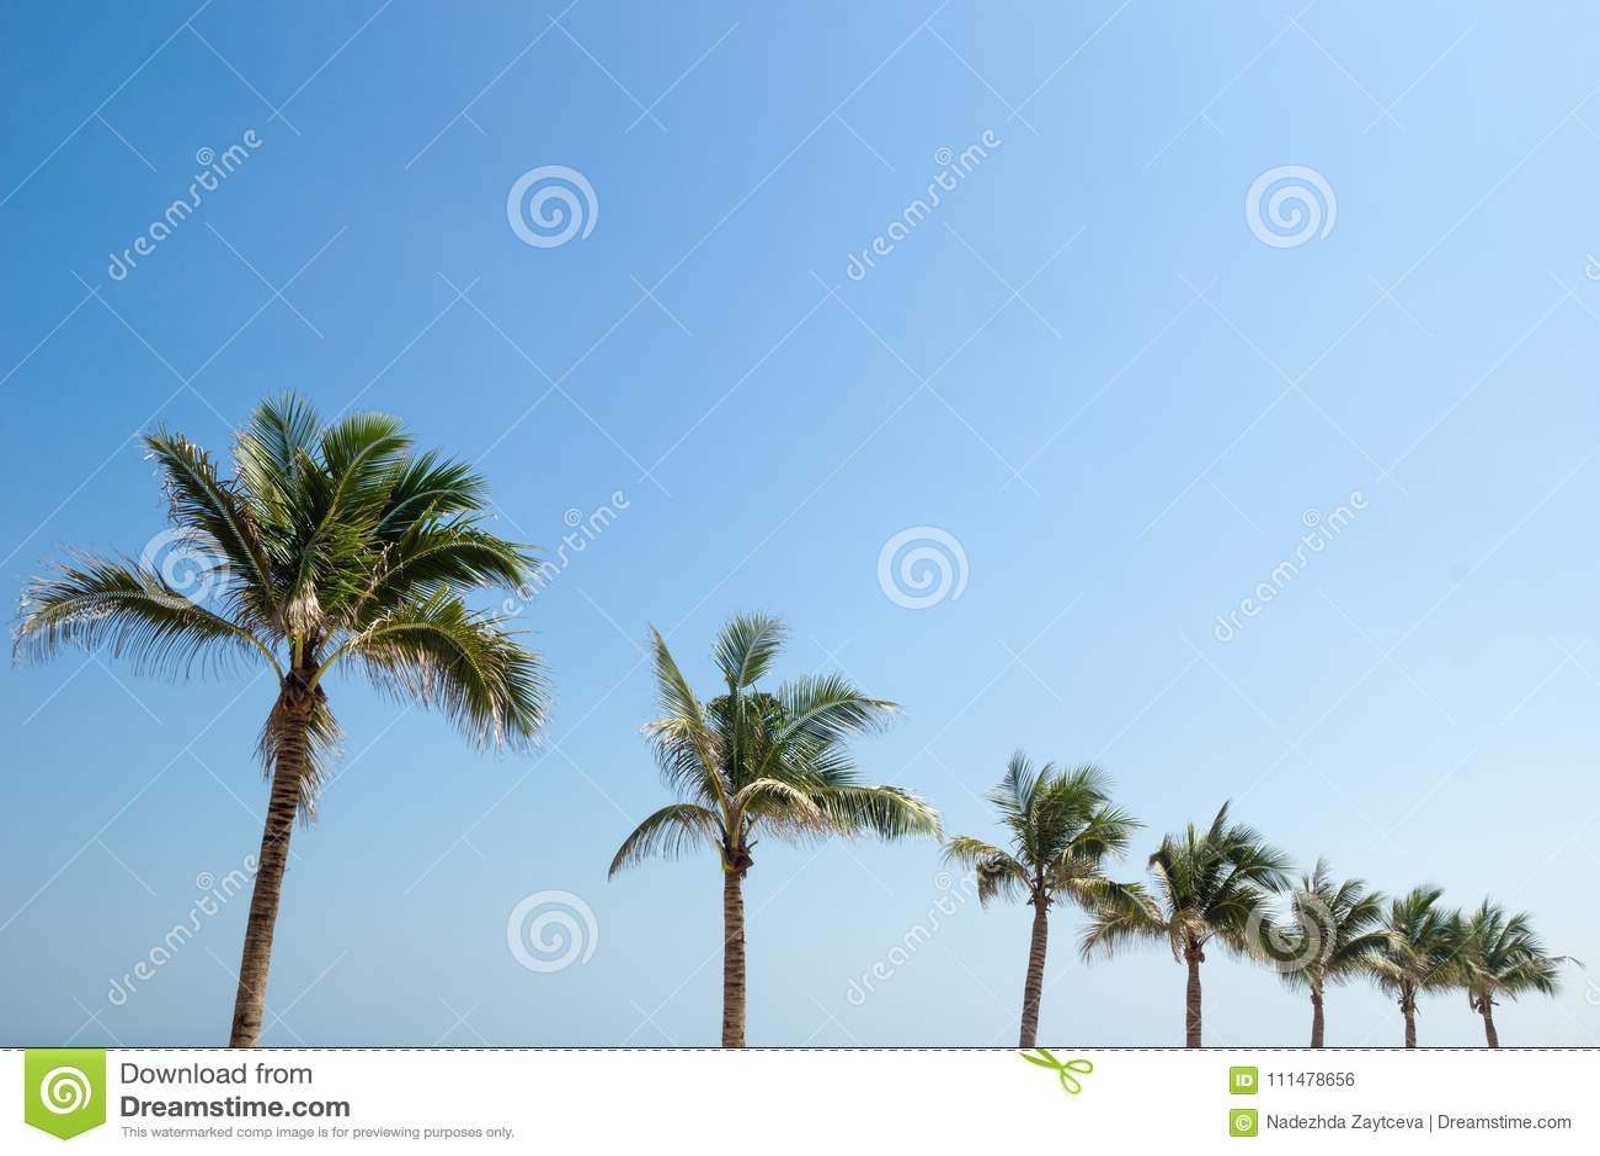 Palmen op een achtergrond van een blauwe hemel